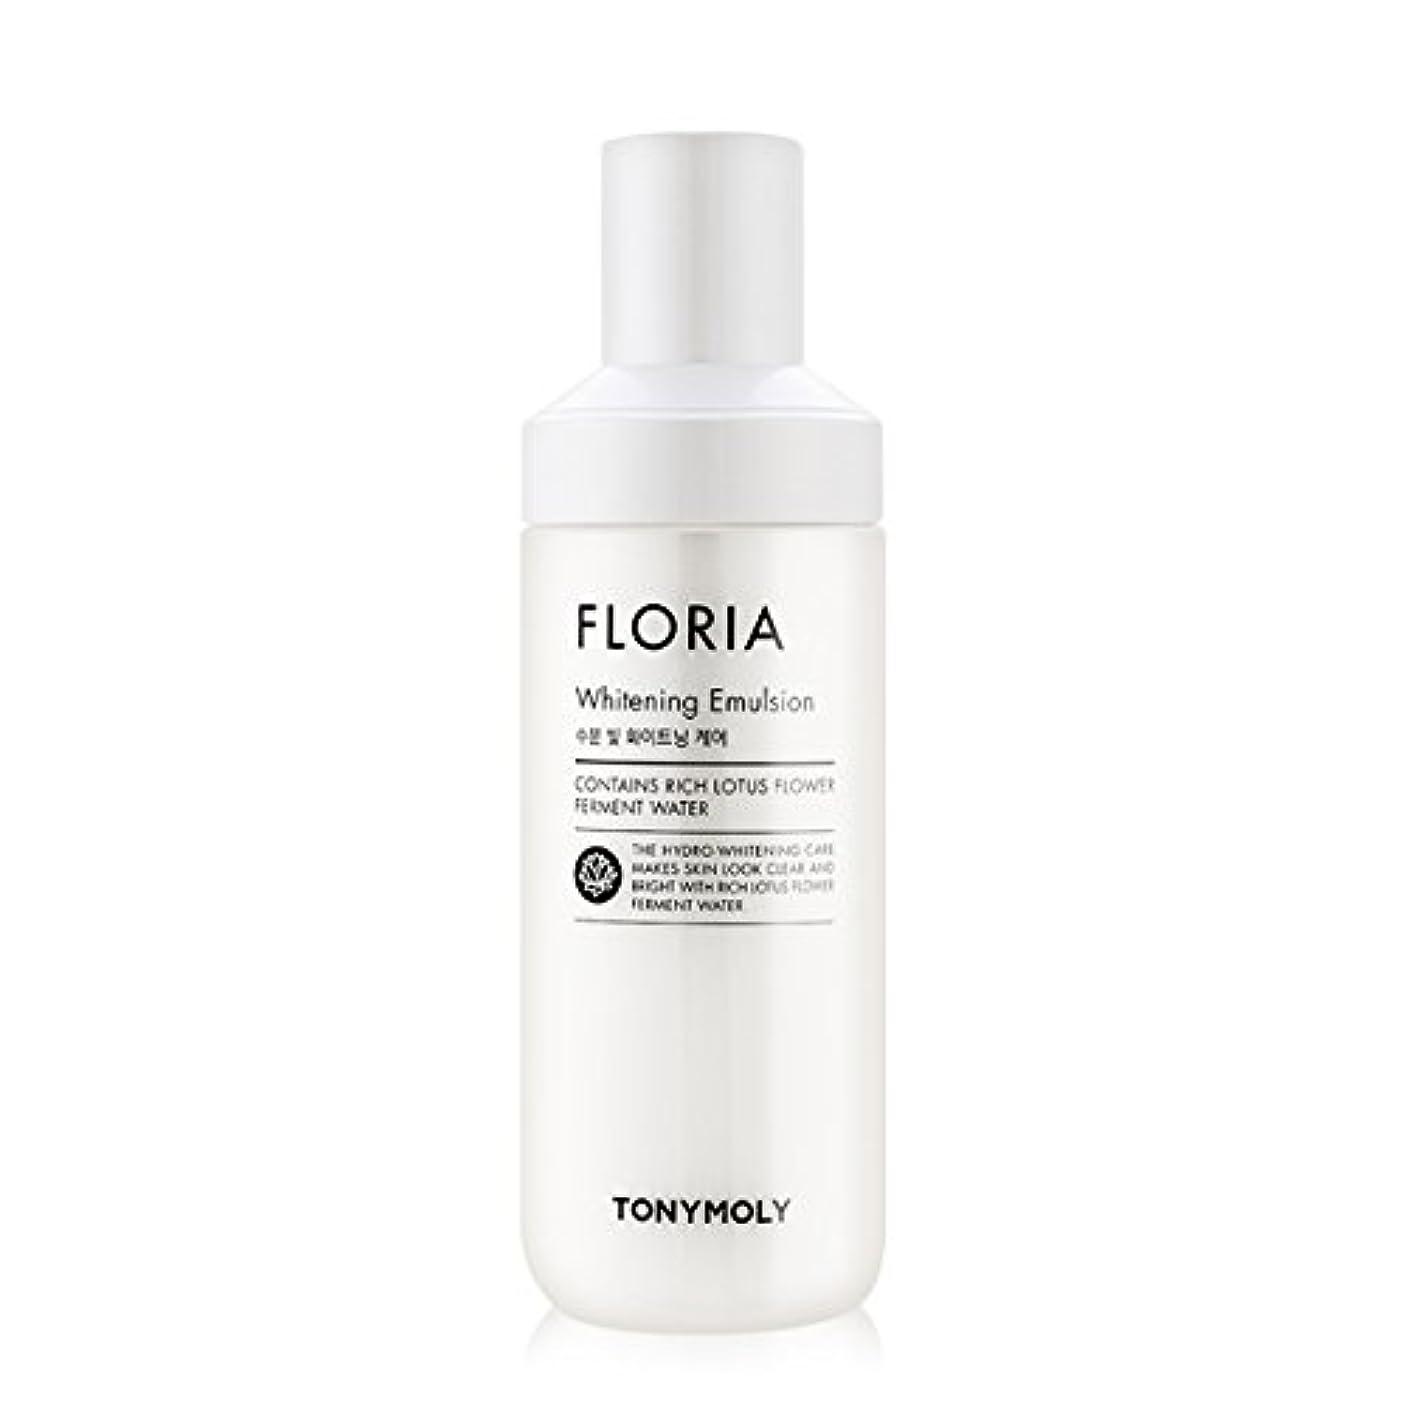 不快な不均一ロマンチック[2016 New] TONYMOLY Floria Whitening Emulsion 160ml/トニーモリー フロリア ホワイトニング エマルジョン 160ml [並行輸入品]